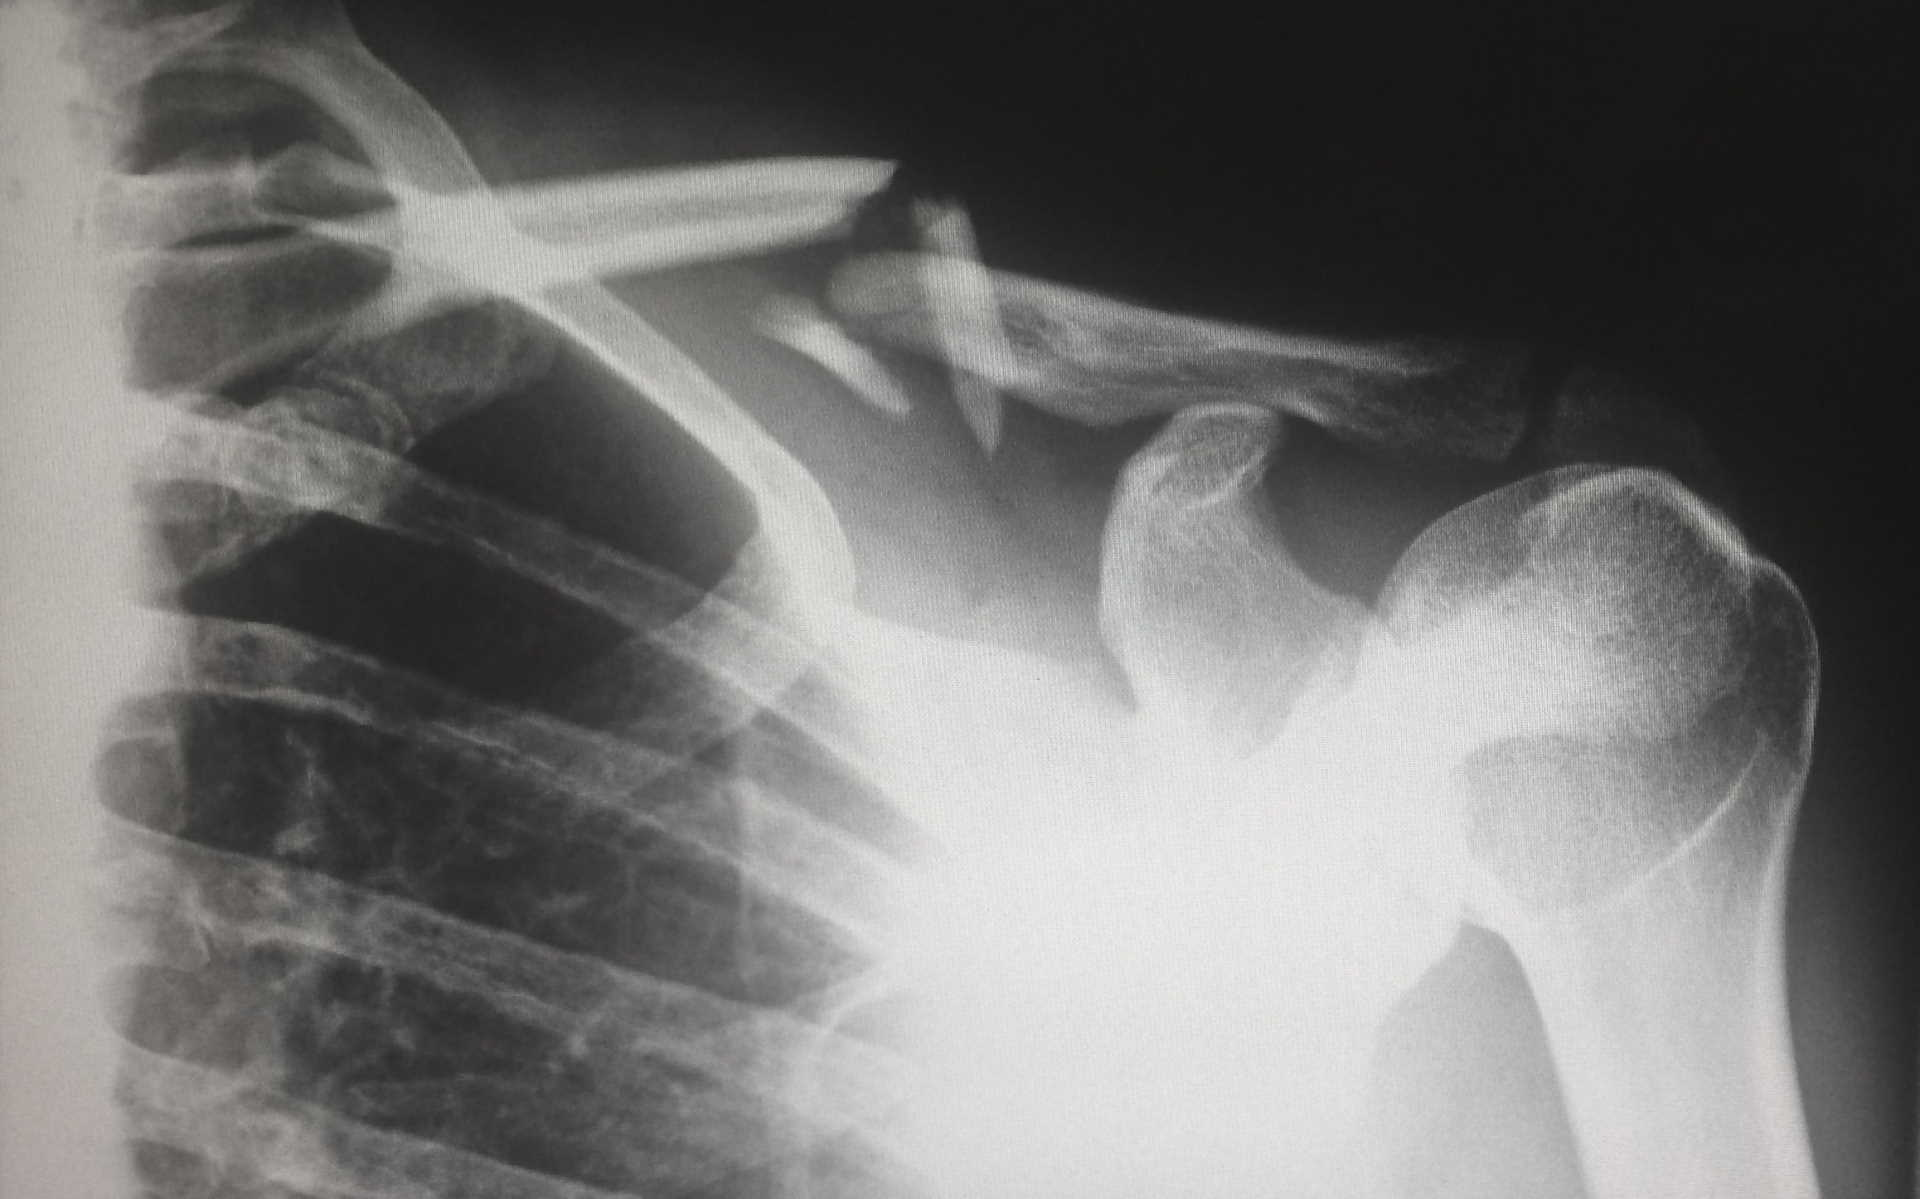 Krankengymnastik nach einem Knochenbruch • Private